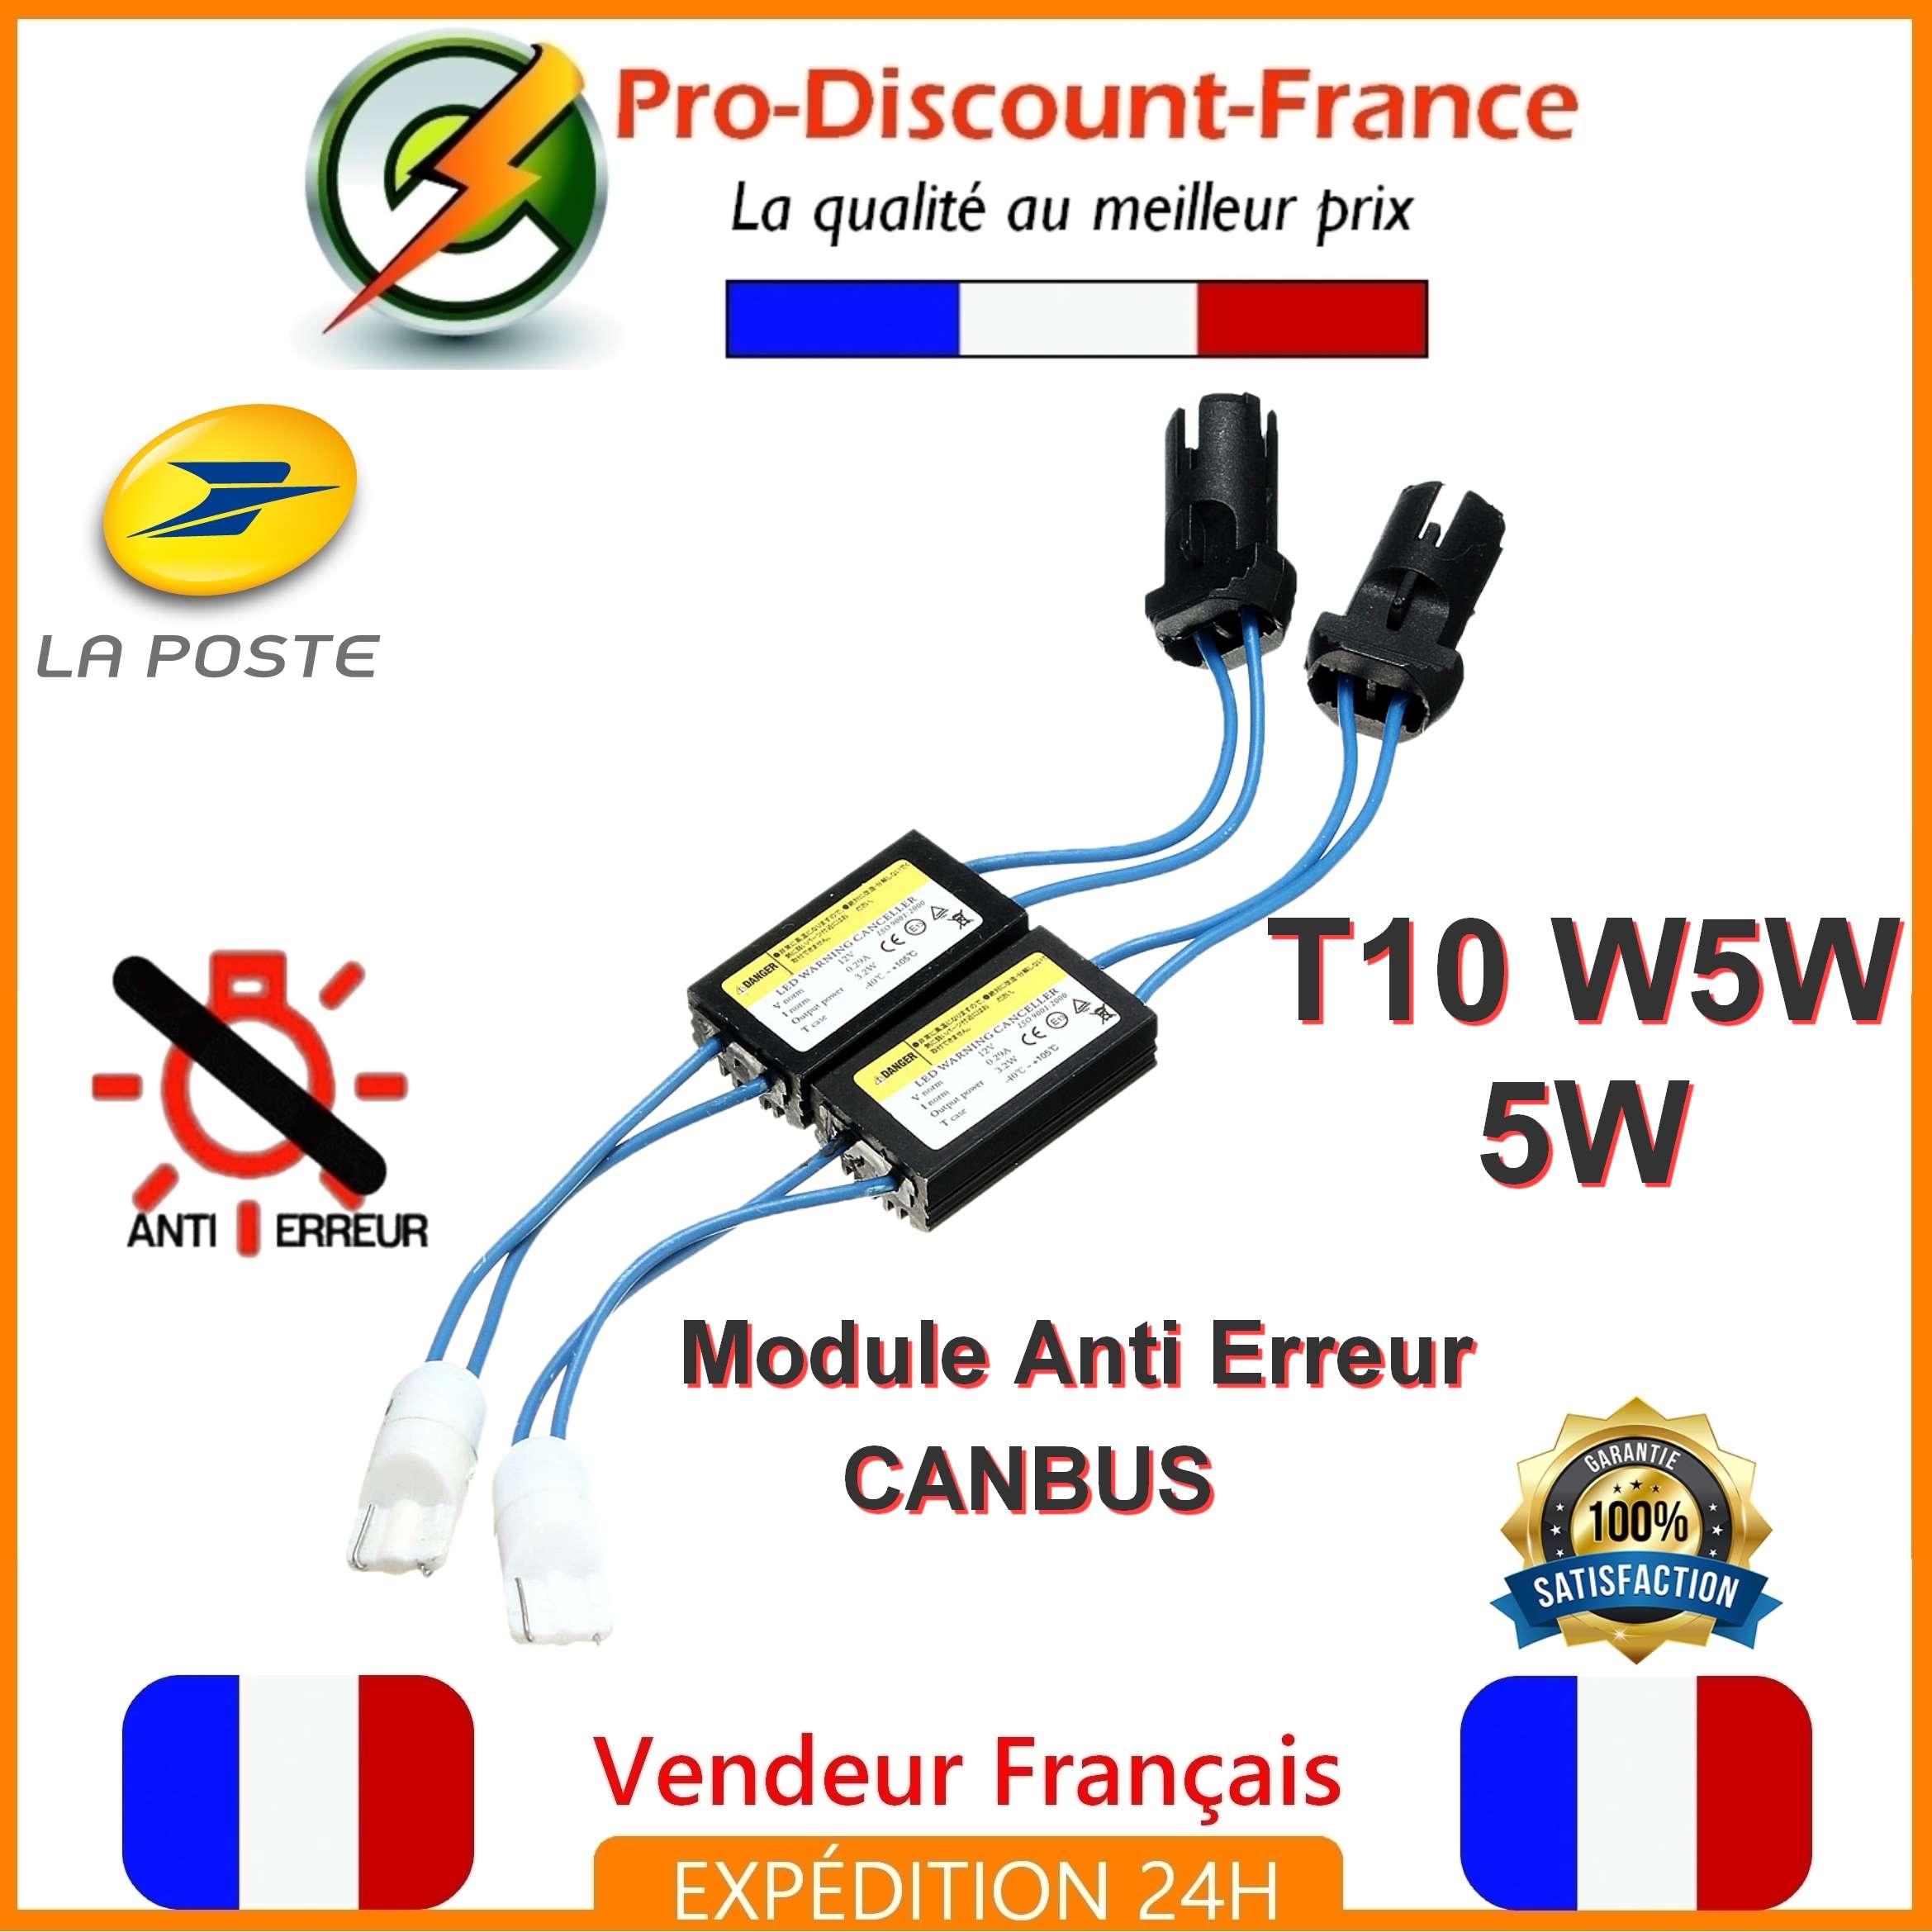 5w Canbus Anti Obd W5w Détails T10 Modules Sur Résistance Ampoules Module X Erreur 2 Led UVpMSzqG